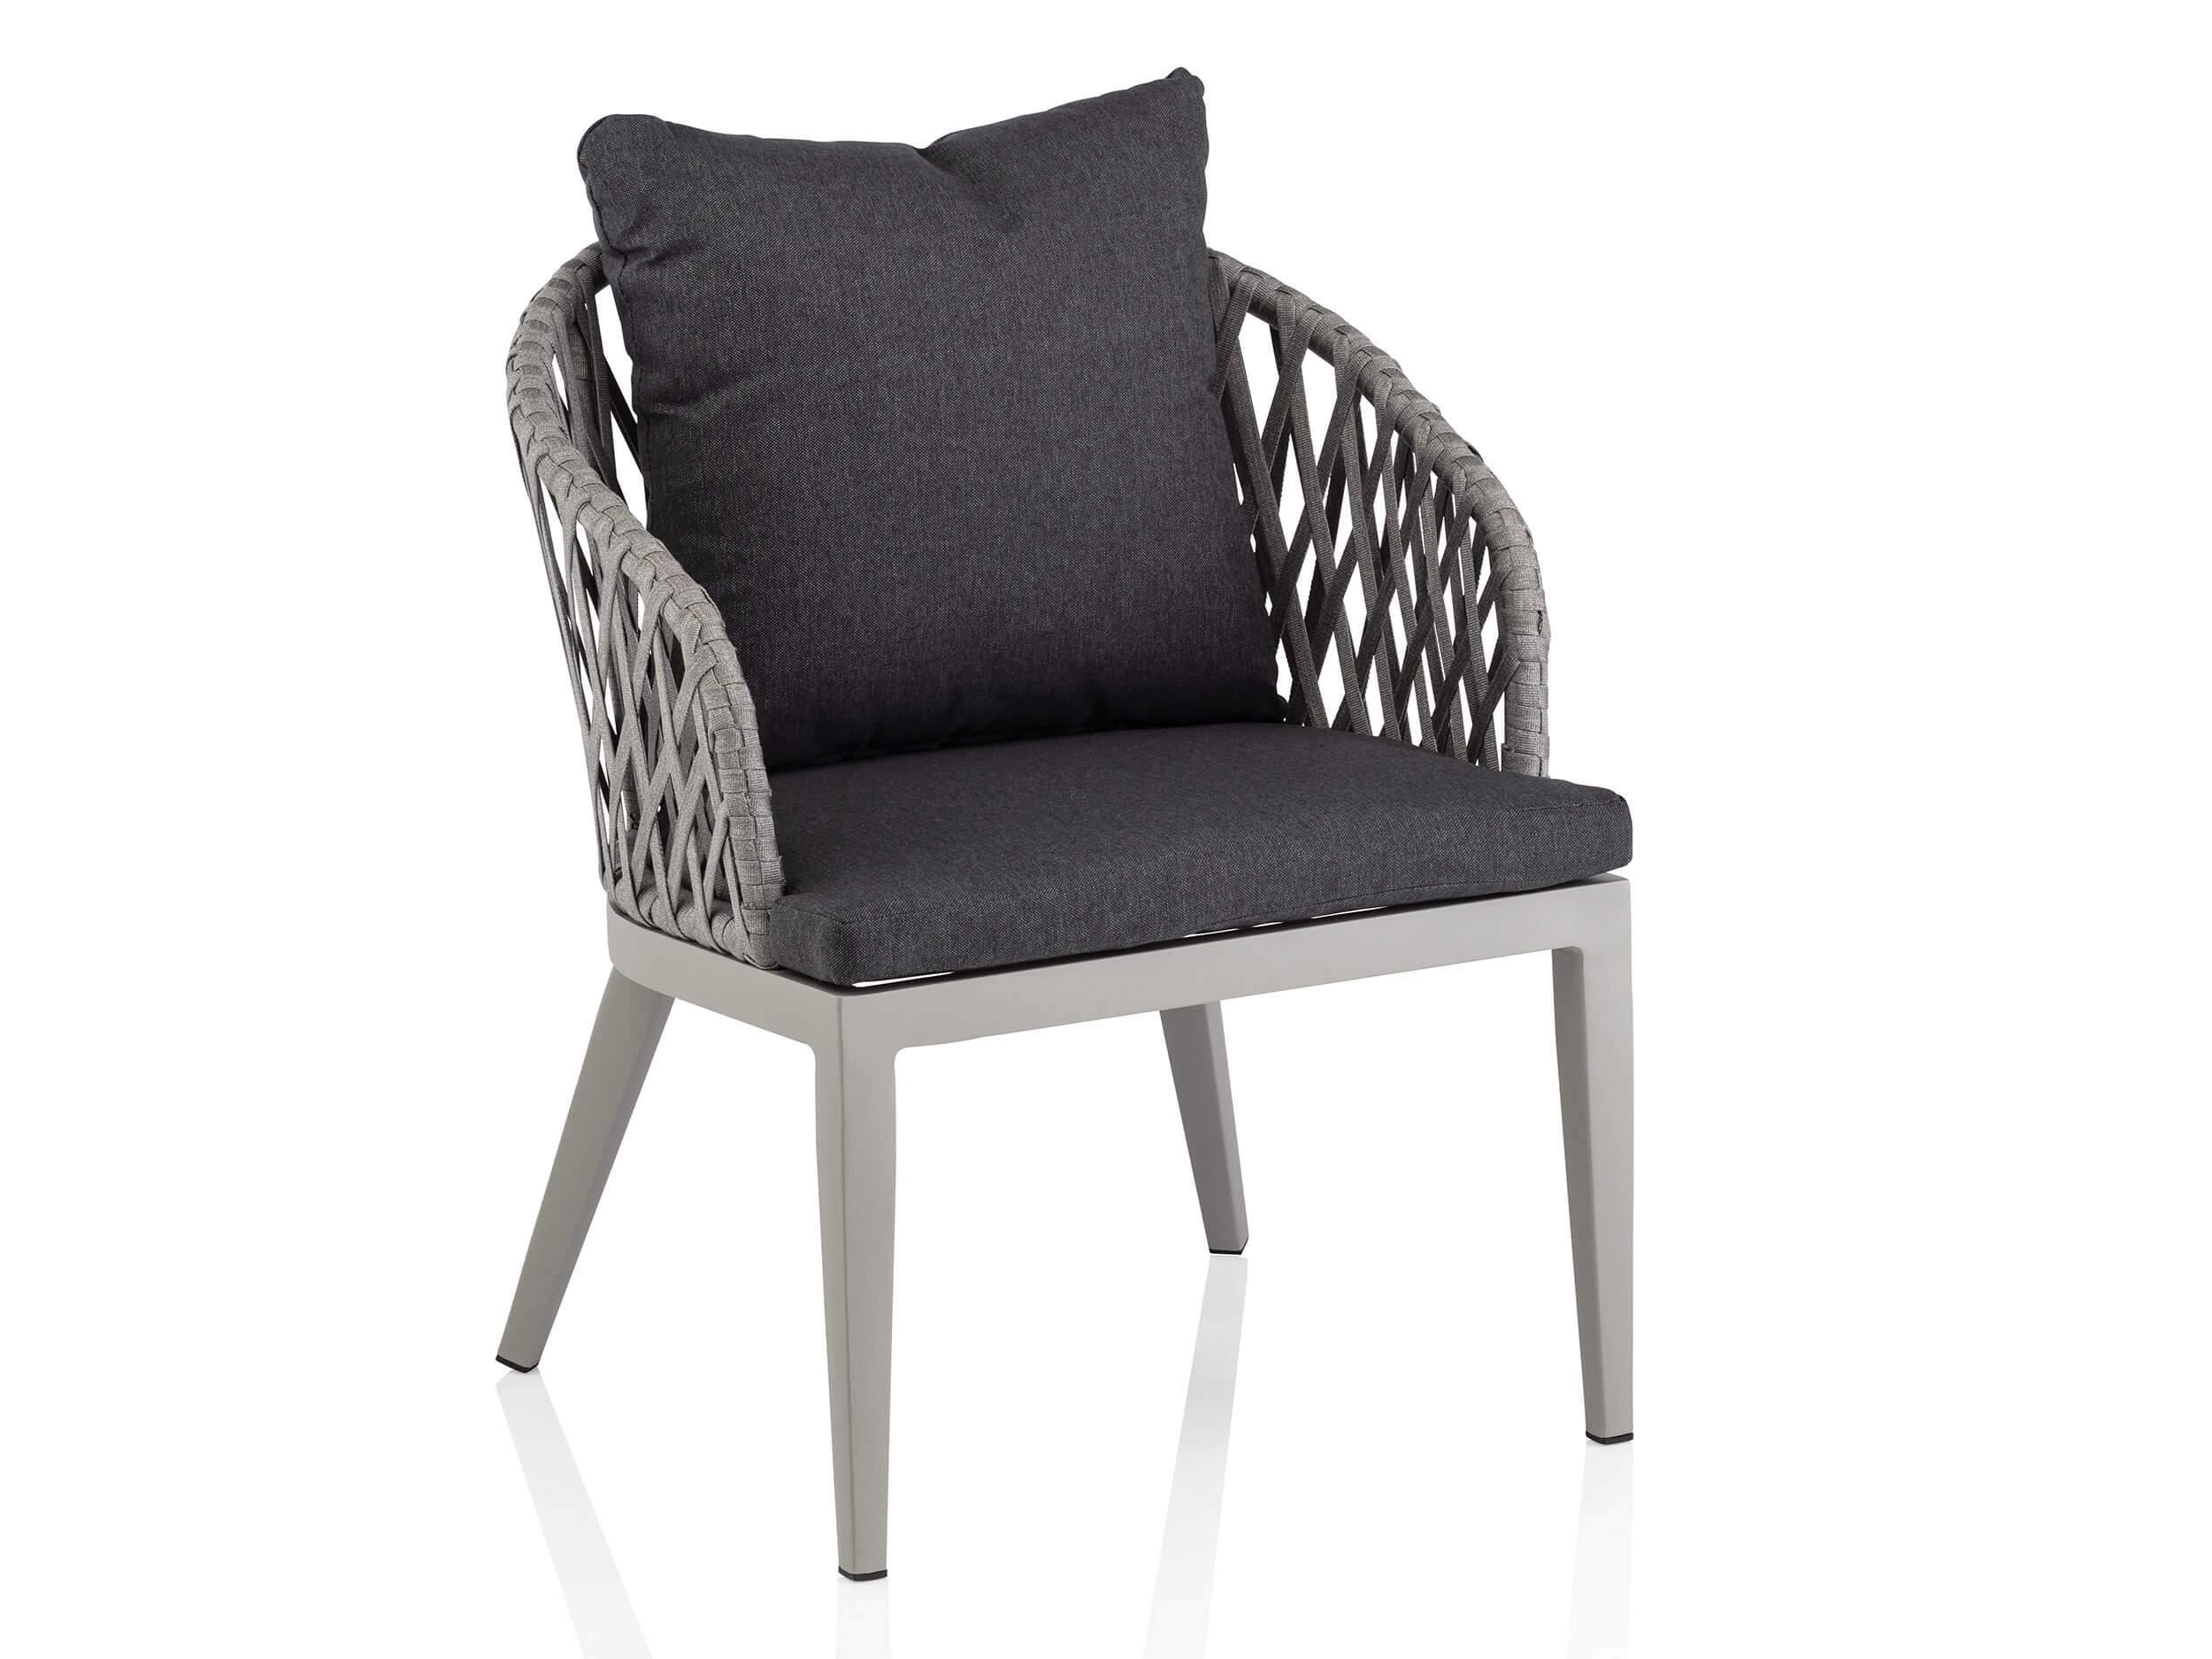 Liegesessel Garten Elegant Kettler Gartenstühle Bequem Online Kaufen